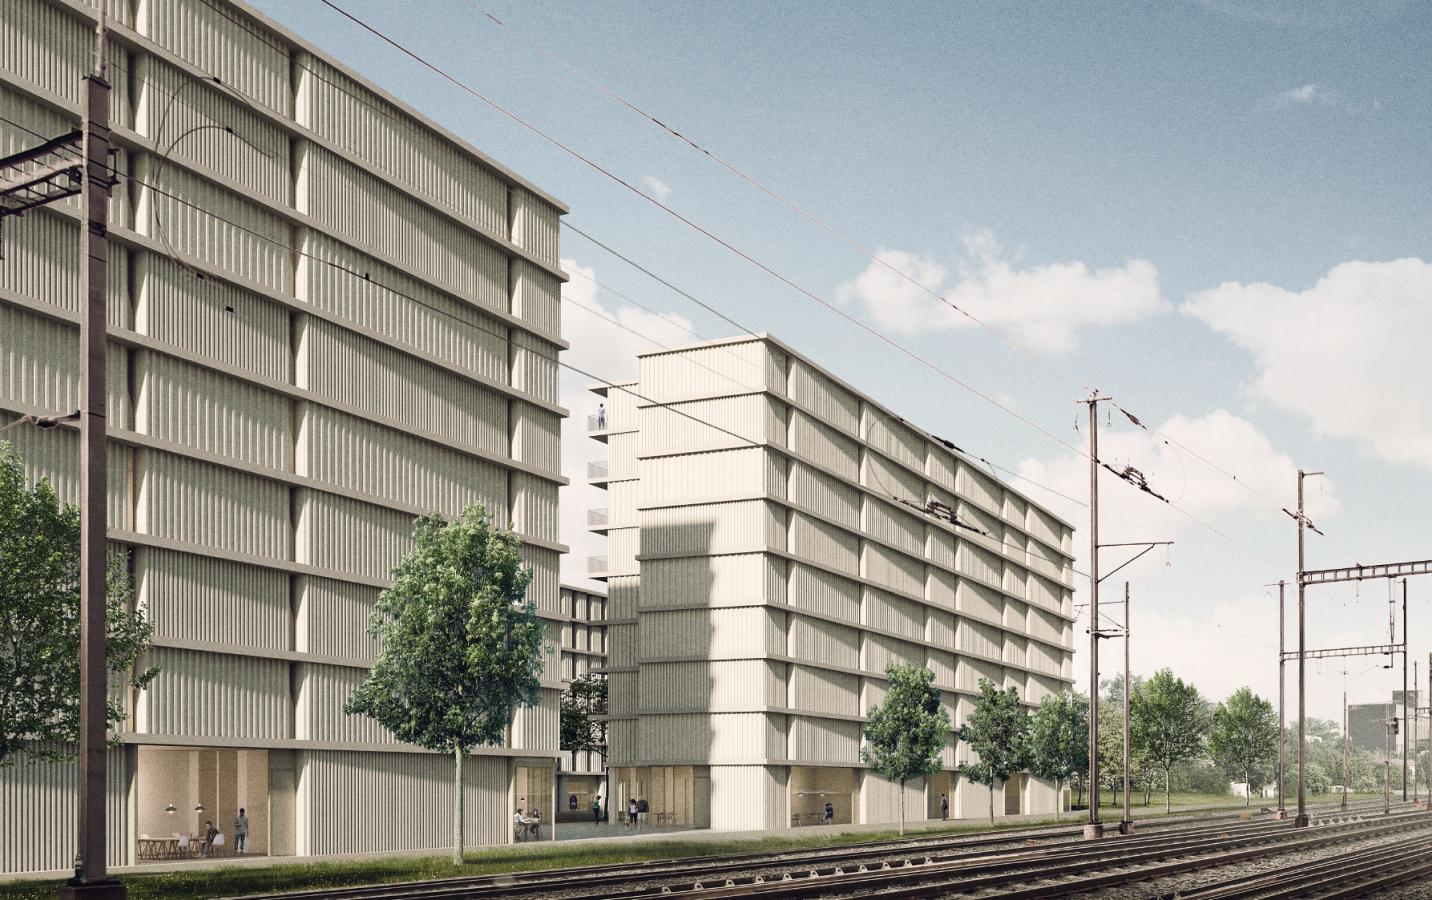 Projet lauréat – Perspective coté rails TATOU (© TRIBU ARCHITECTURE SARL)